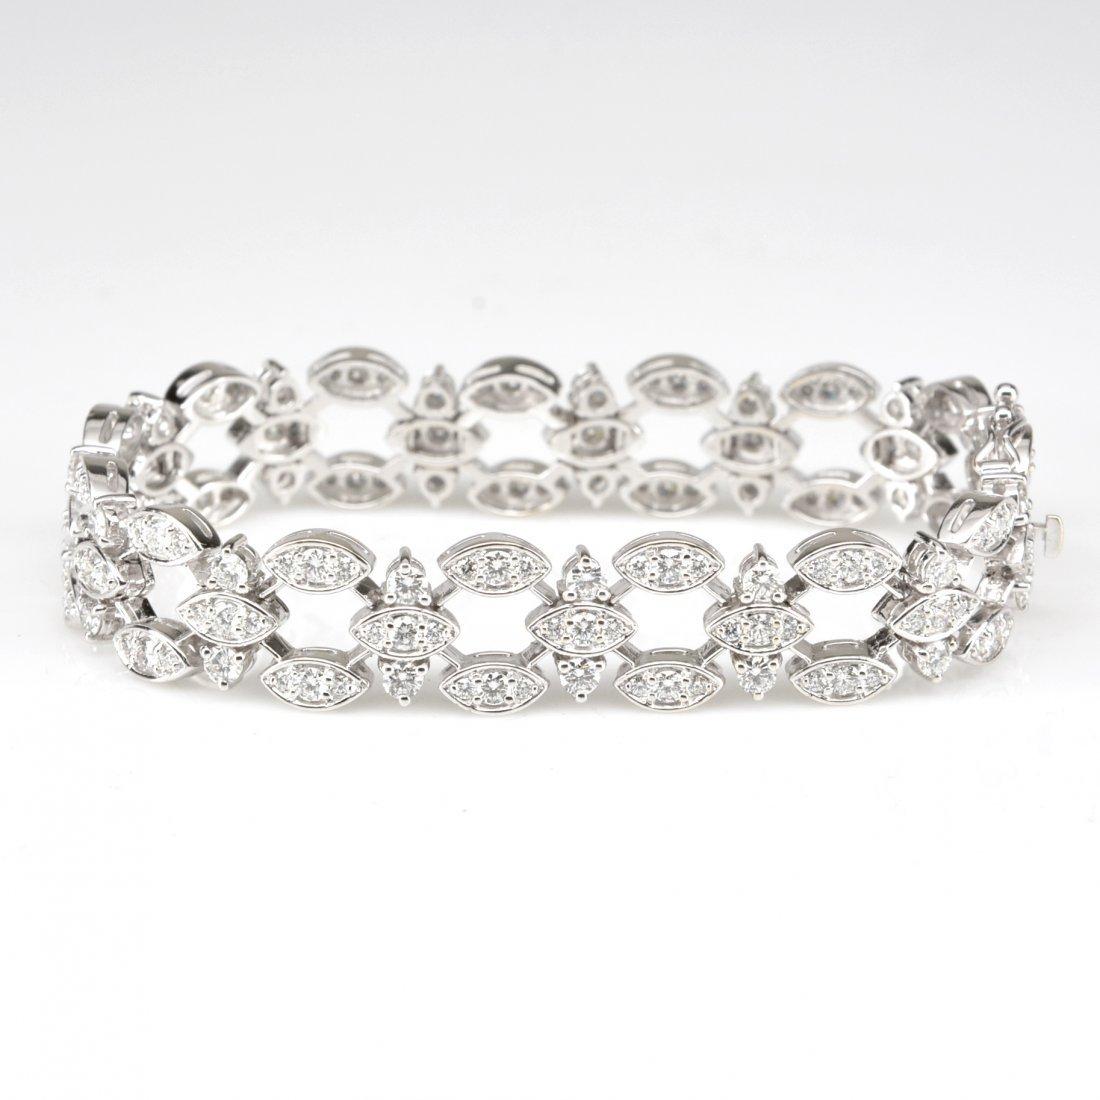 Spectacular 18k White Gold Diamond Bracelet